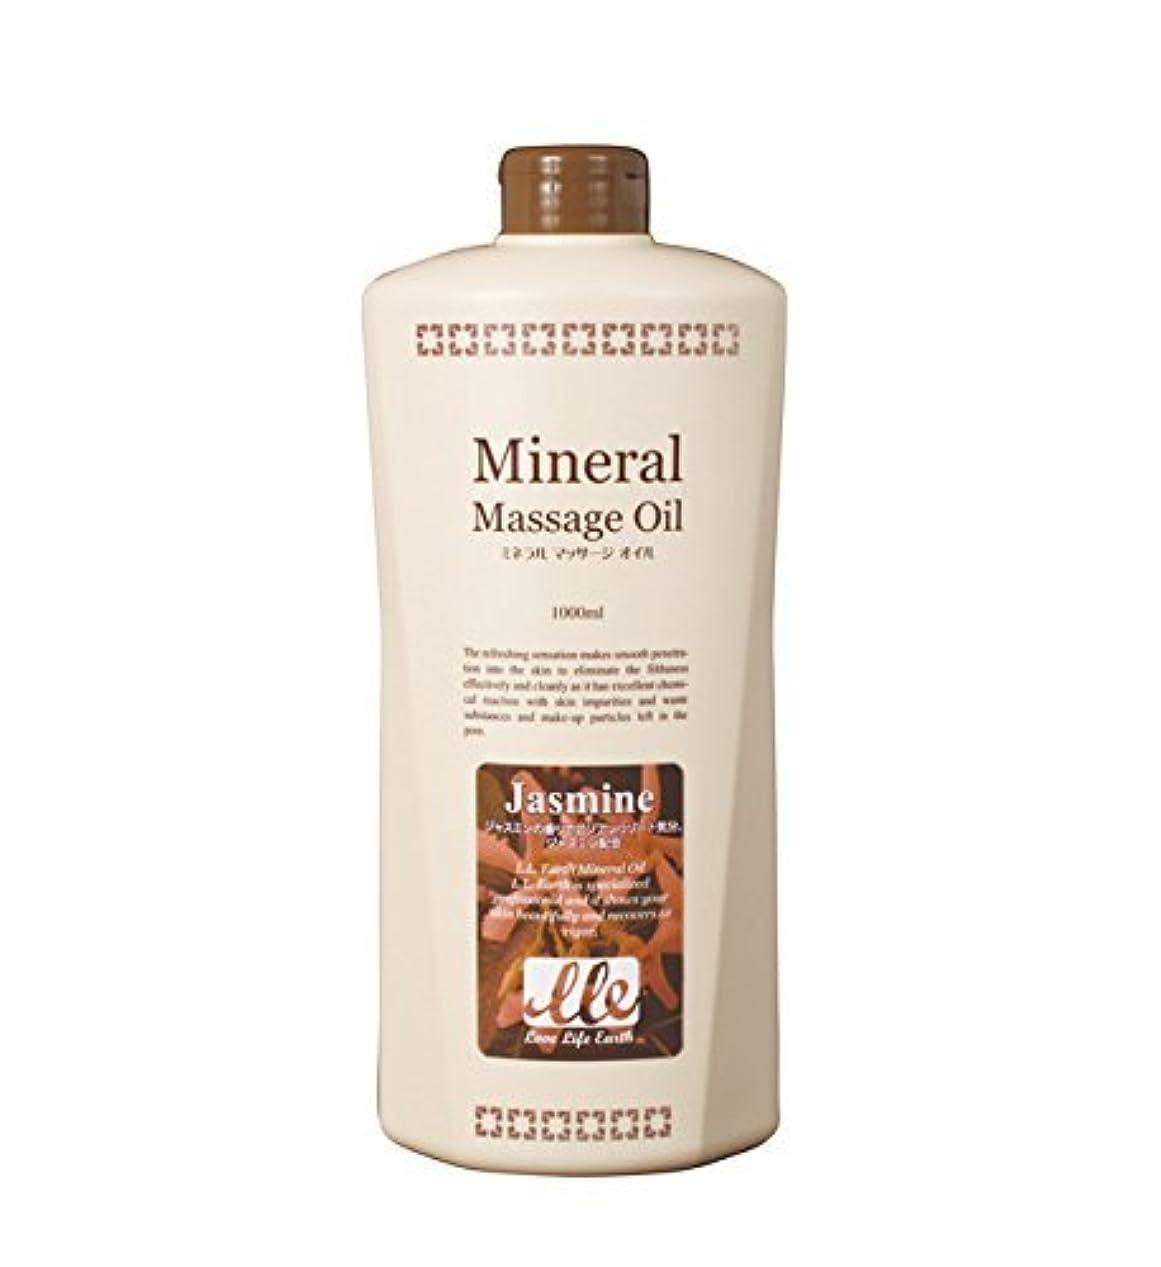 ブラジャー恐怖レシピLLE 業務用 ミネラル マッサージオイル [香り5種] (ボディ用) ジャスミン1L